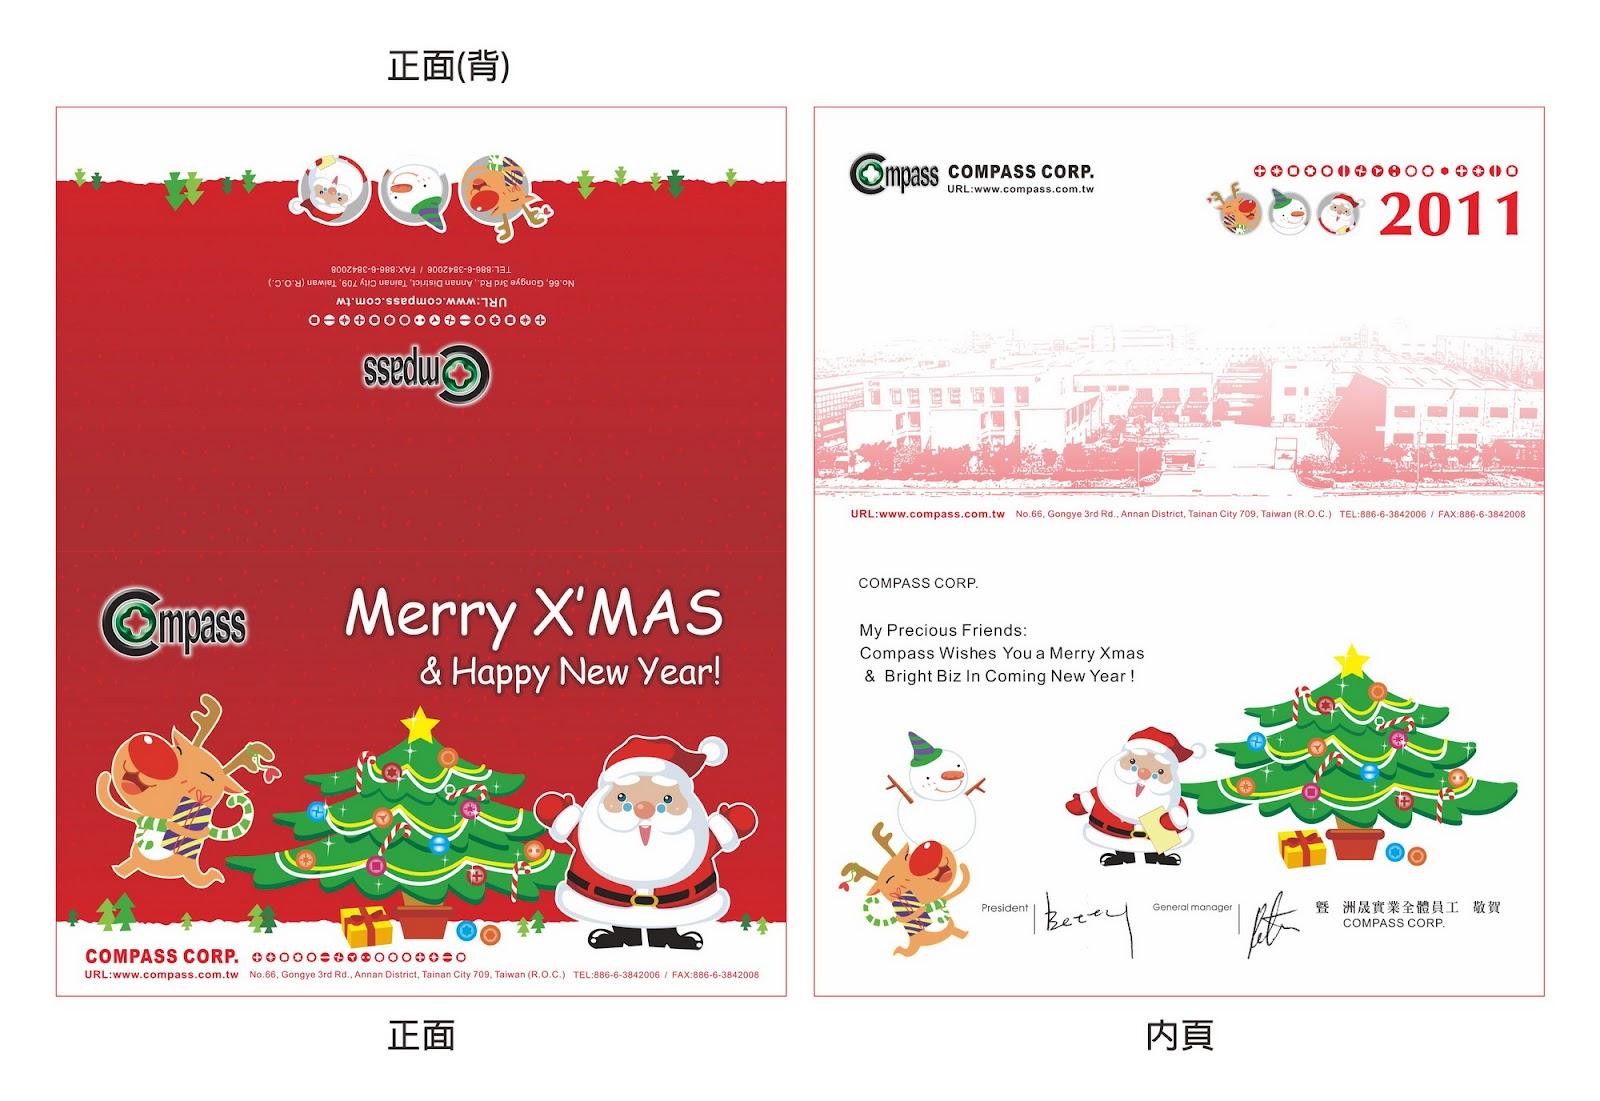 [ 原 ] 100% Design: [卡片]洲晟2011聖誕卡